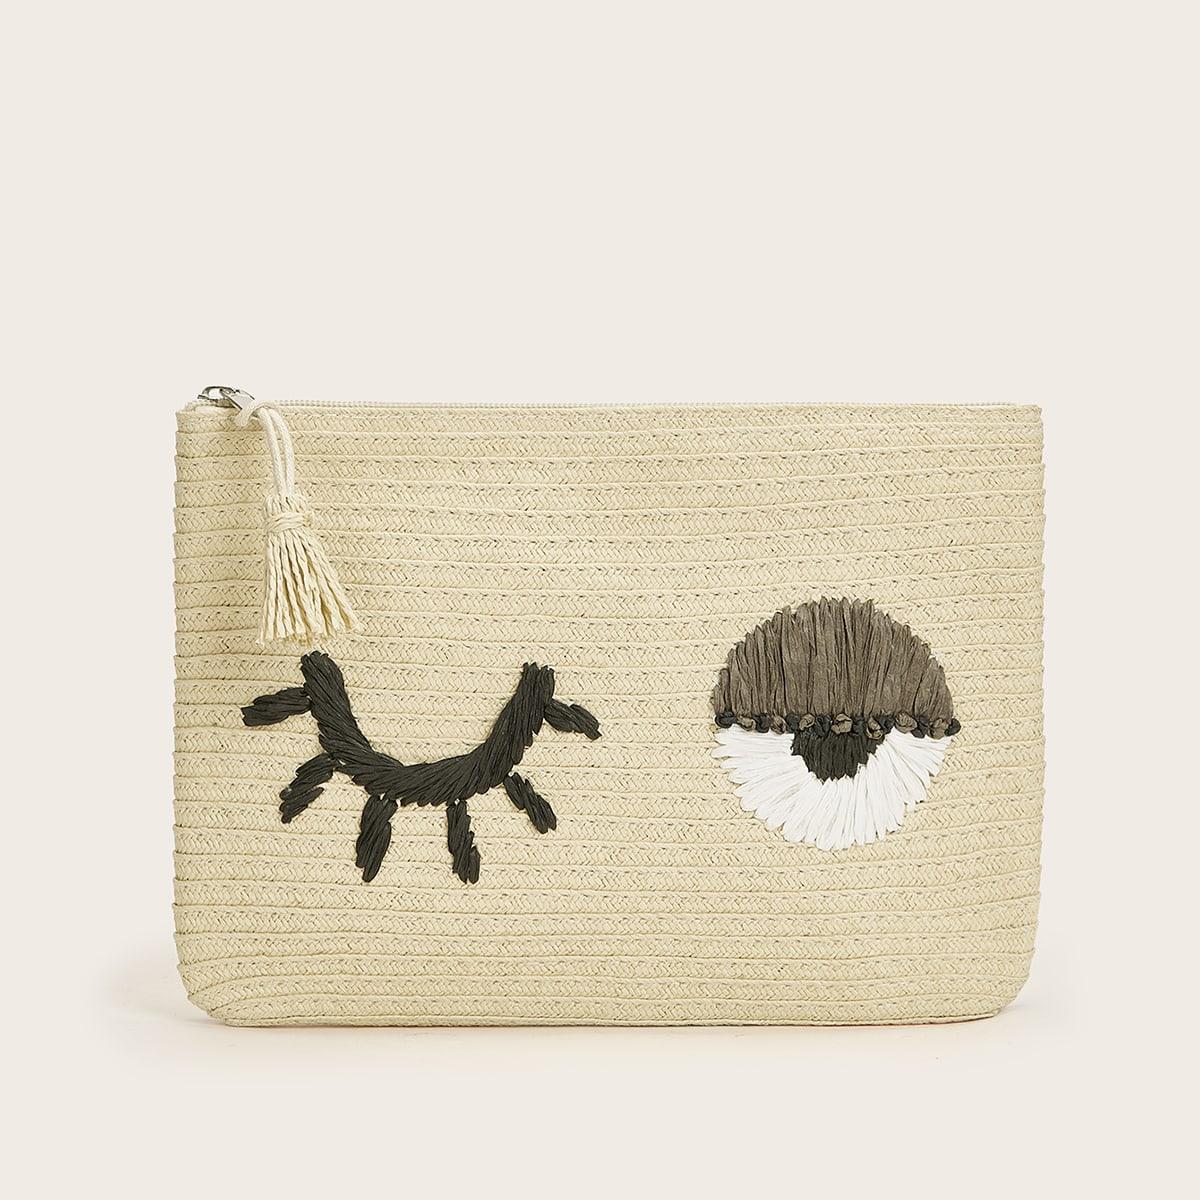 Соломенная сумка-клатч с мультипликационным рисунком